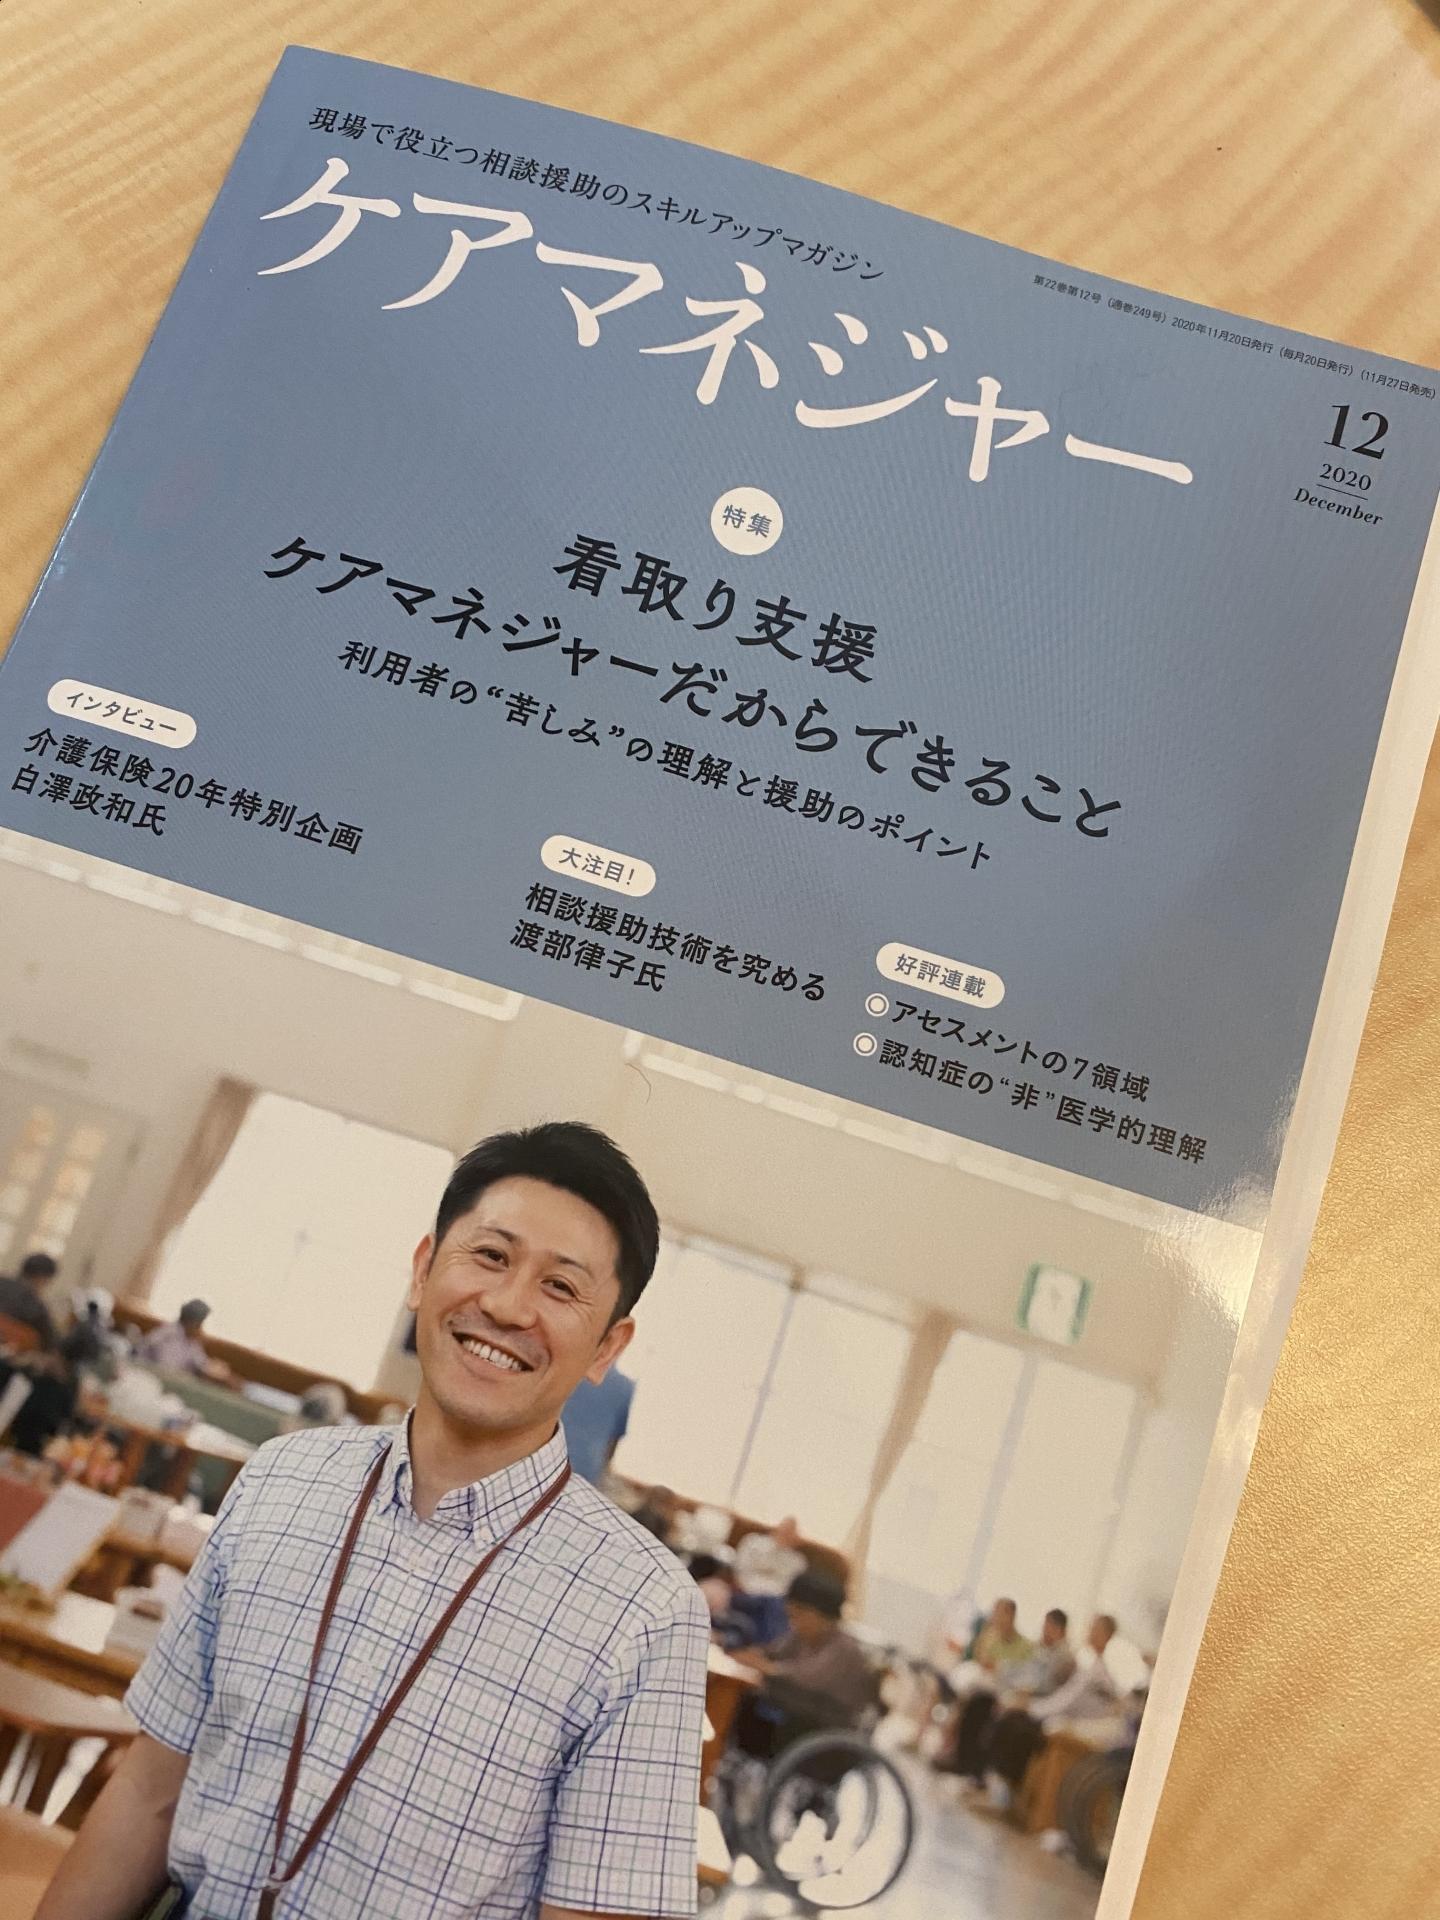 【184】 月刊ケアマネジャー12月号 出ました!